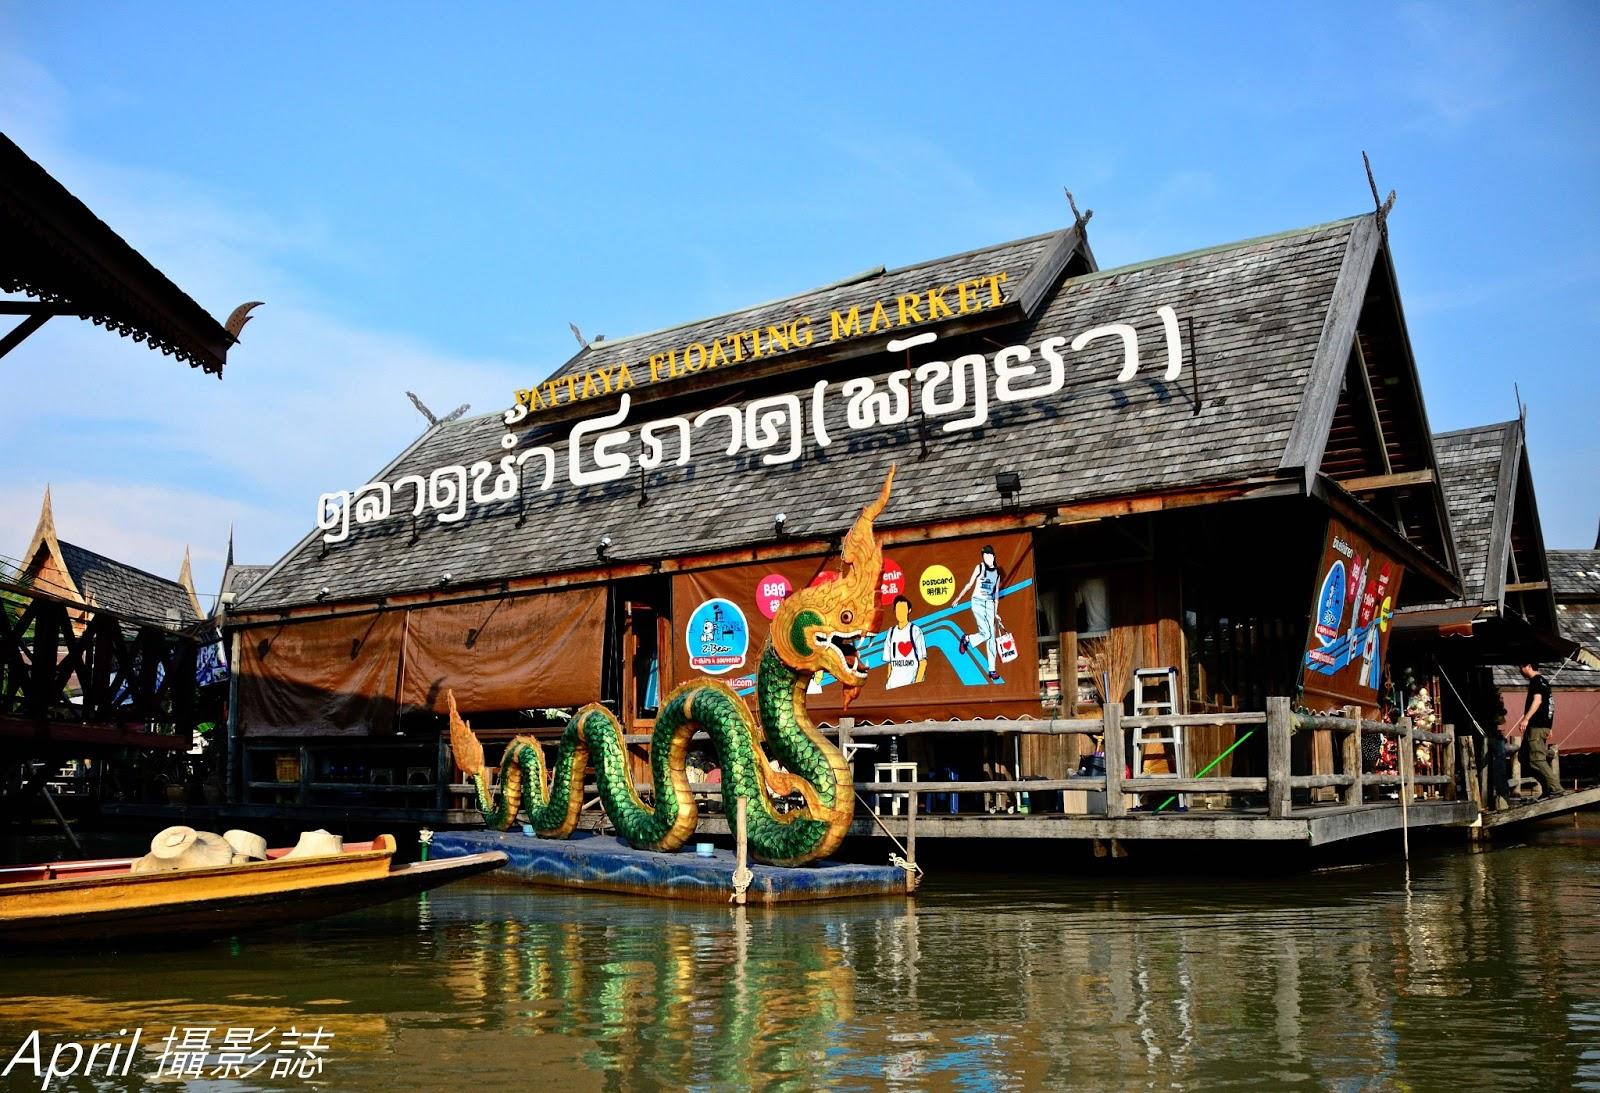 泰國必去景點之一 :芭達雅四方水上市場+放水燈 | 攝.影子(Photo Shadow)